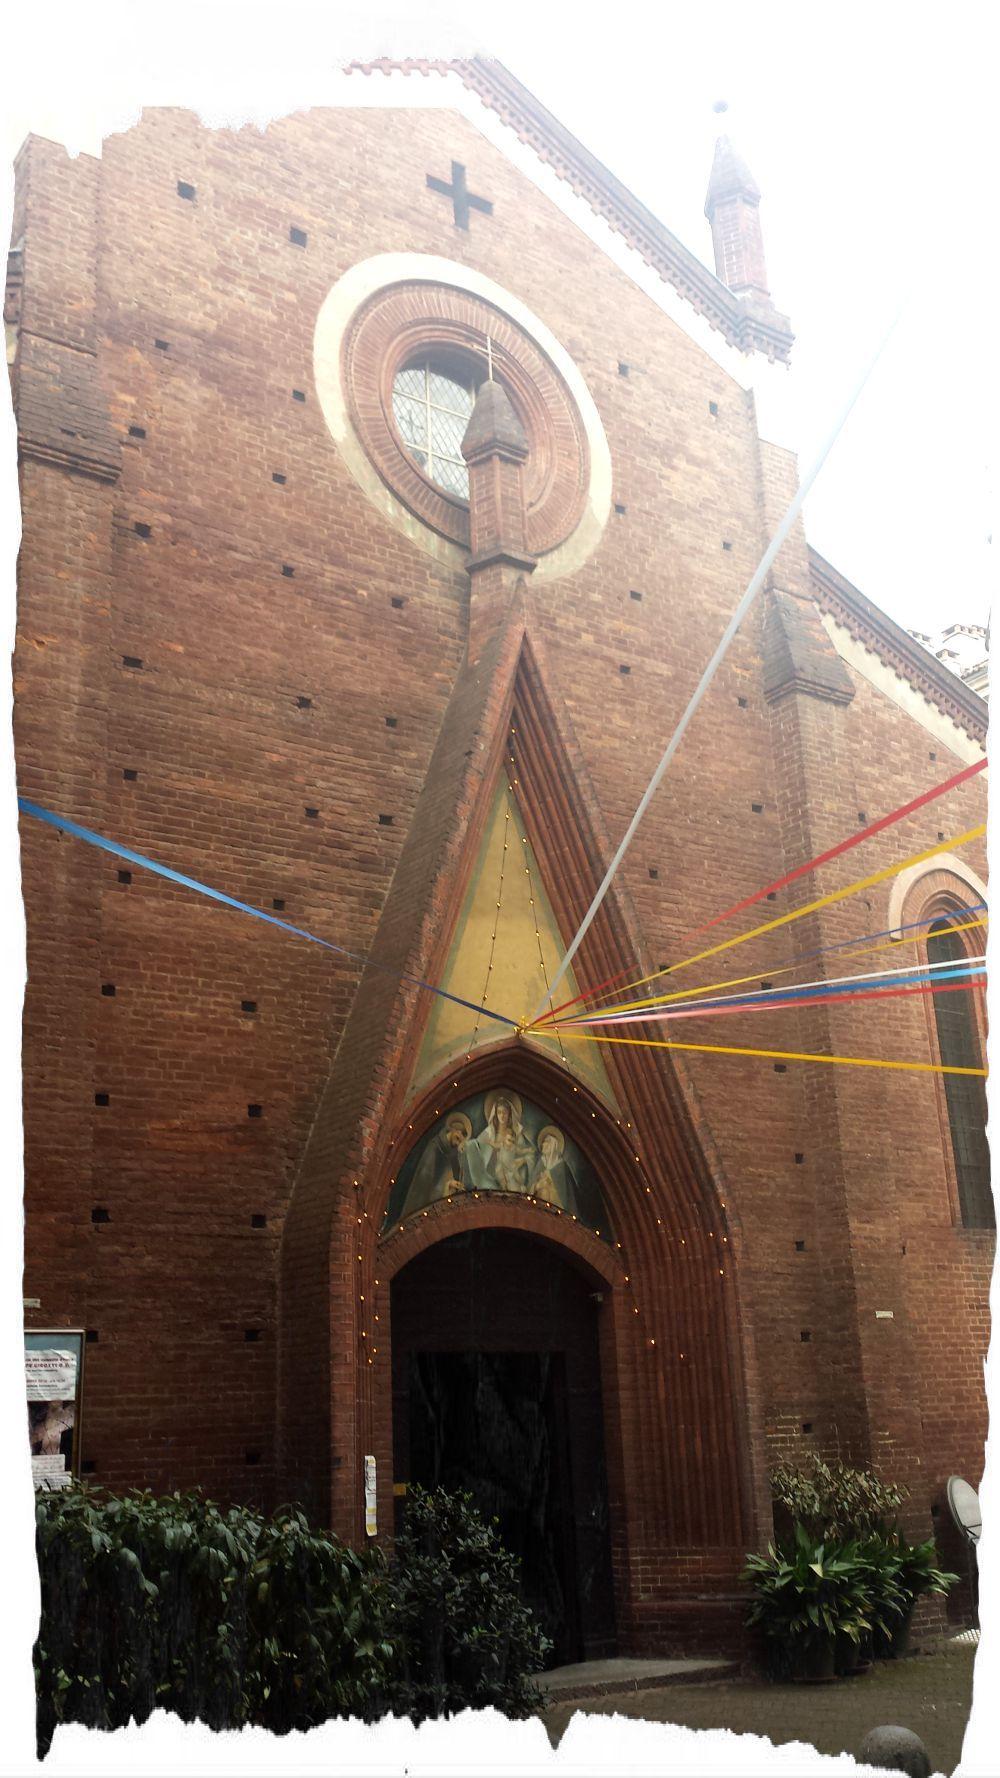 Chiesa trecentesca di San Domenico, a Torino.